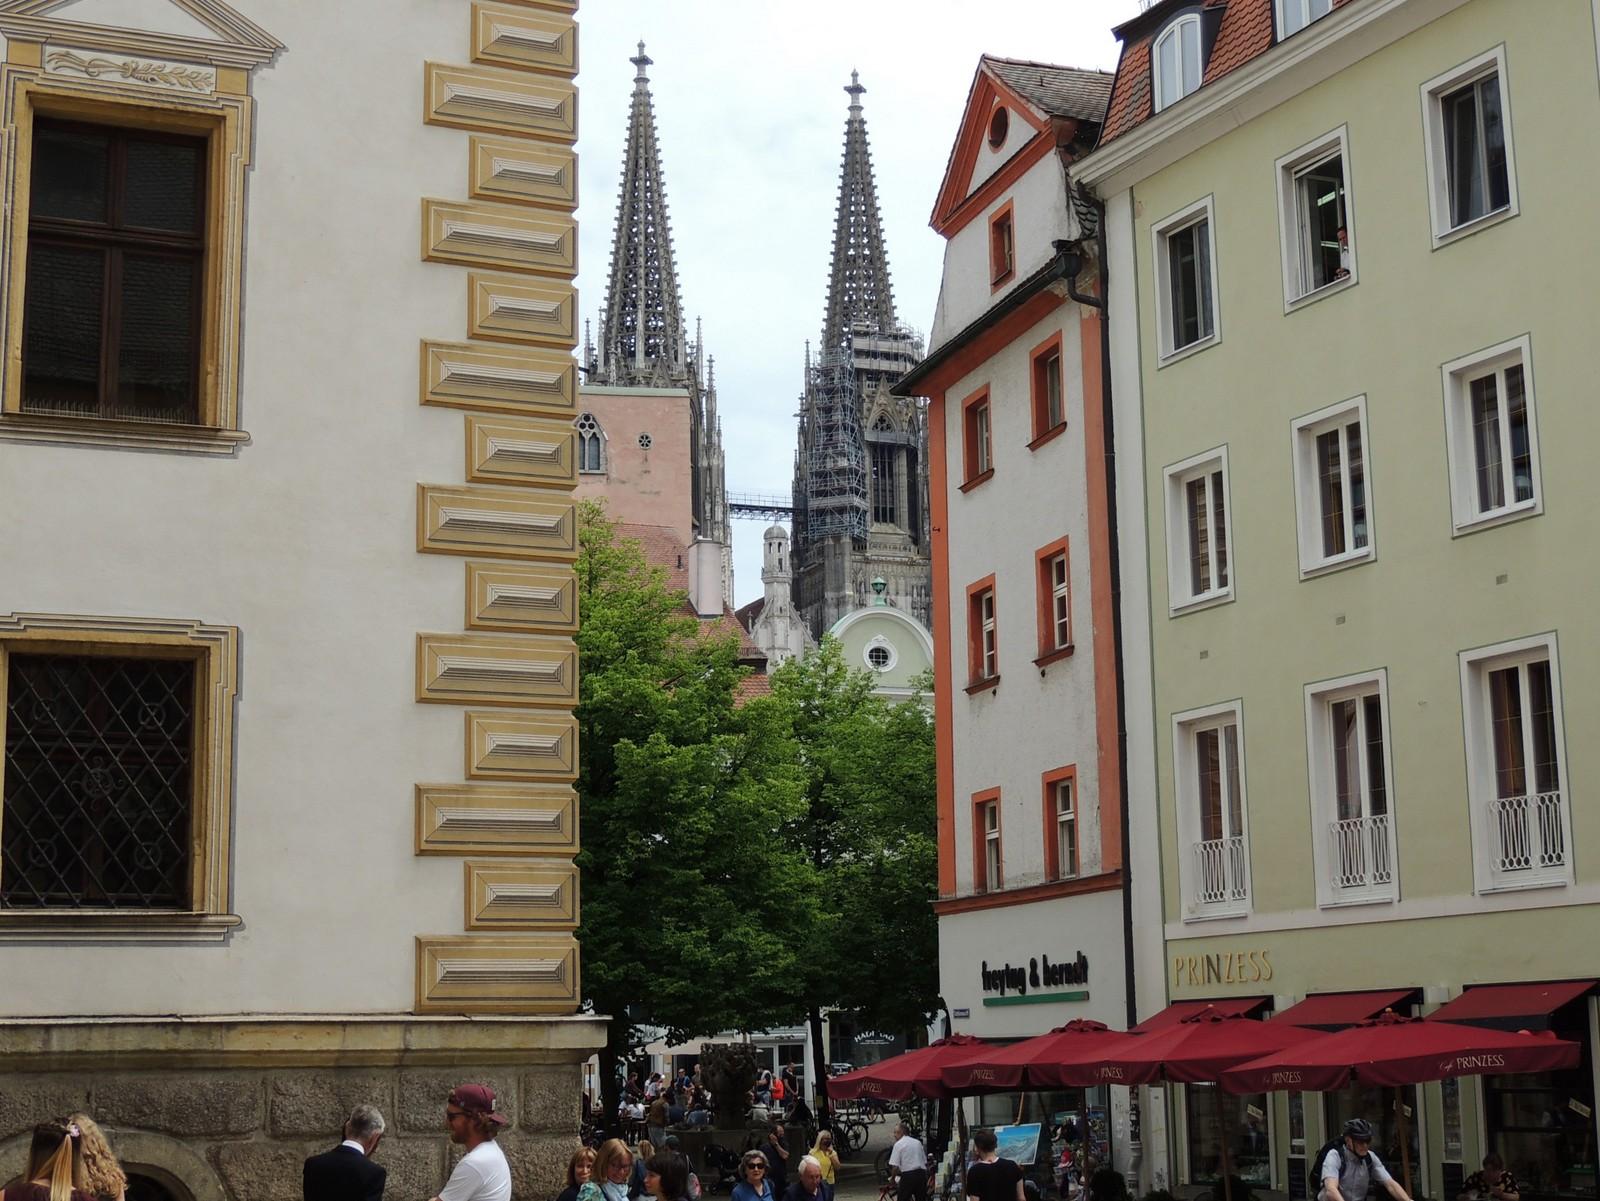 Regensburg - Kohlenmarkt